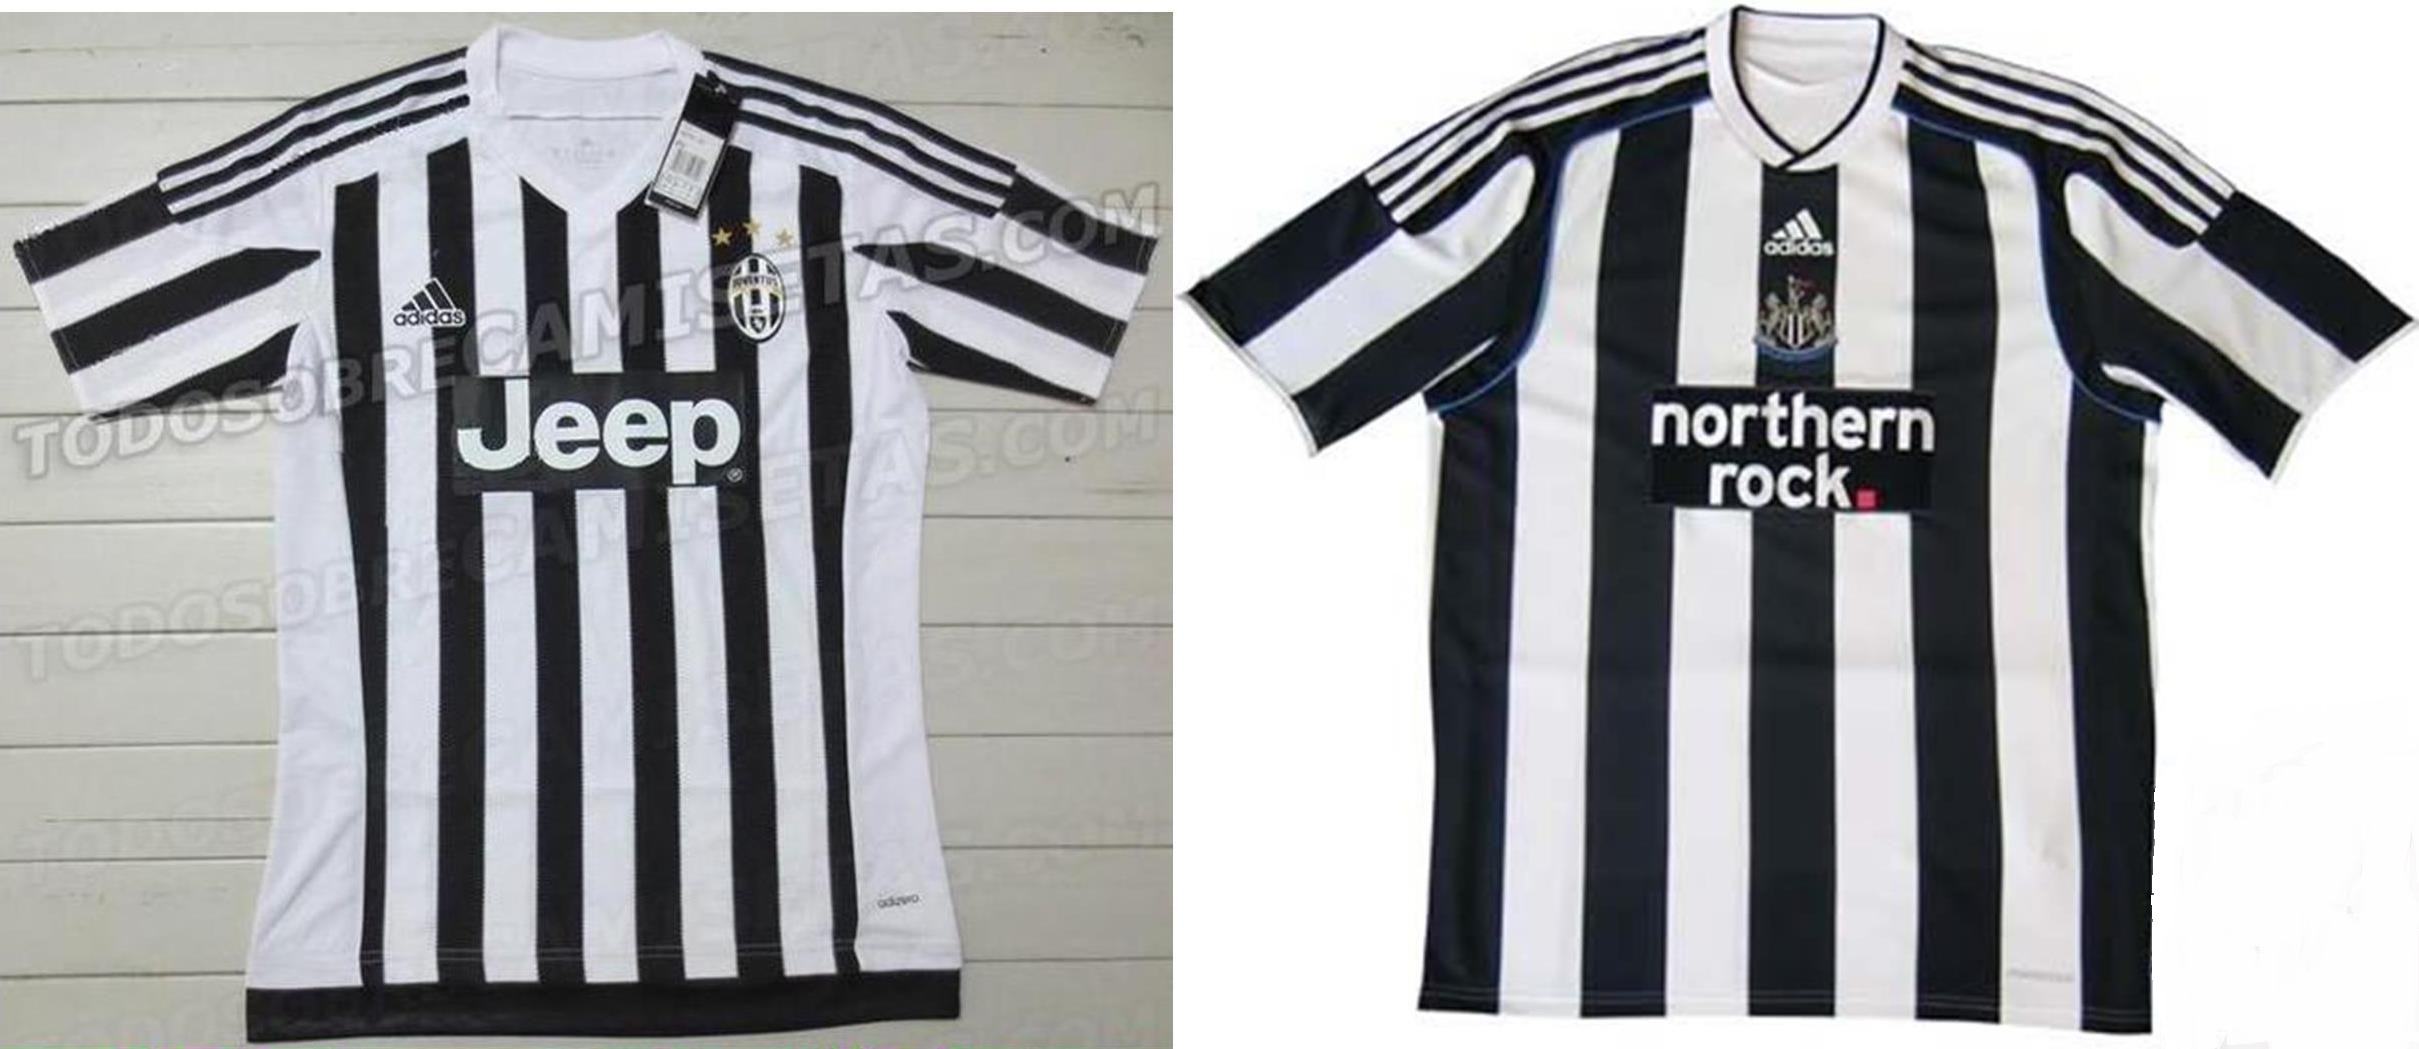 ccf85149a Il contratto con l'Adidas porta soldi ma anche maglie fac-simile: la nuova  della Juventus è come quella del Newcastle